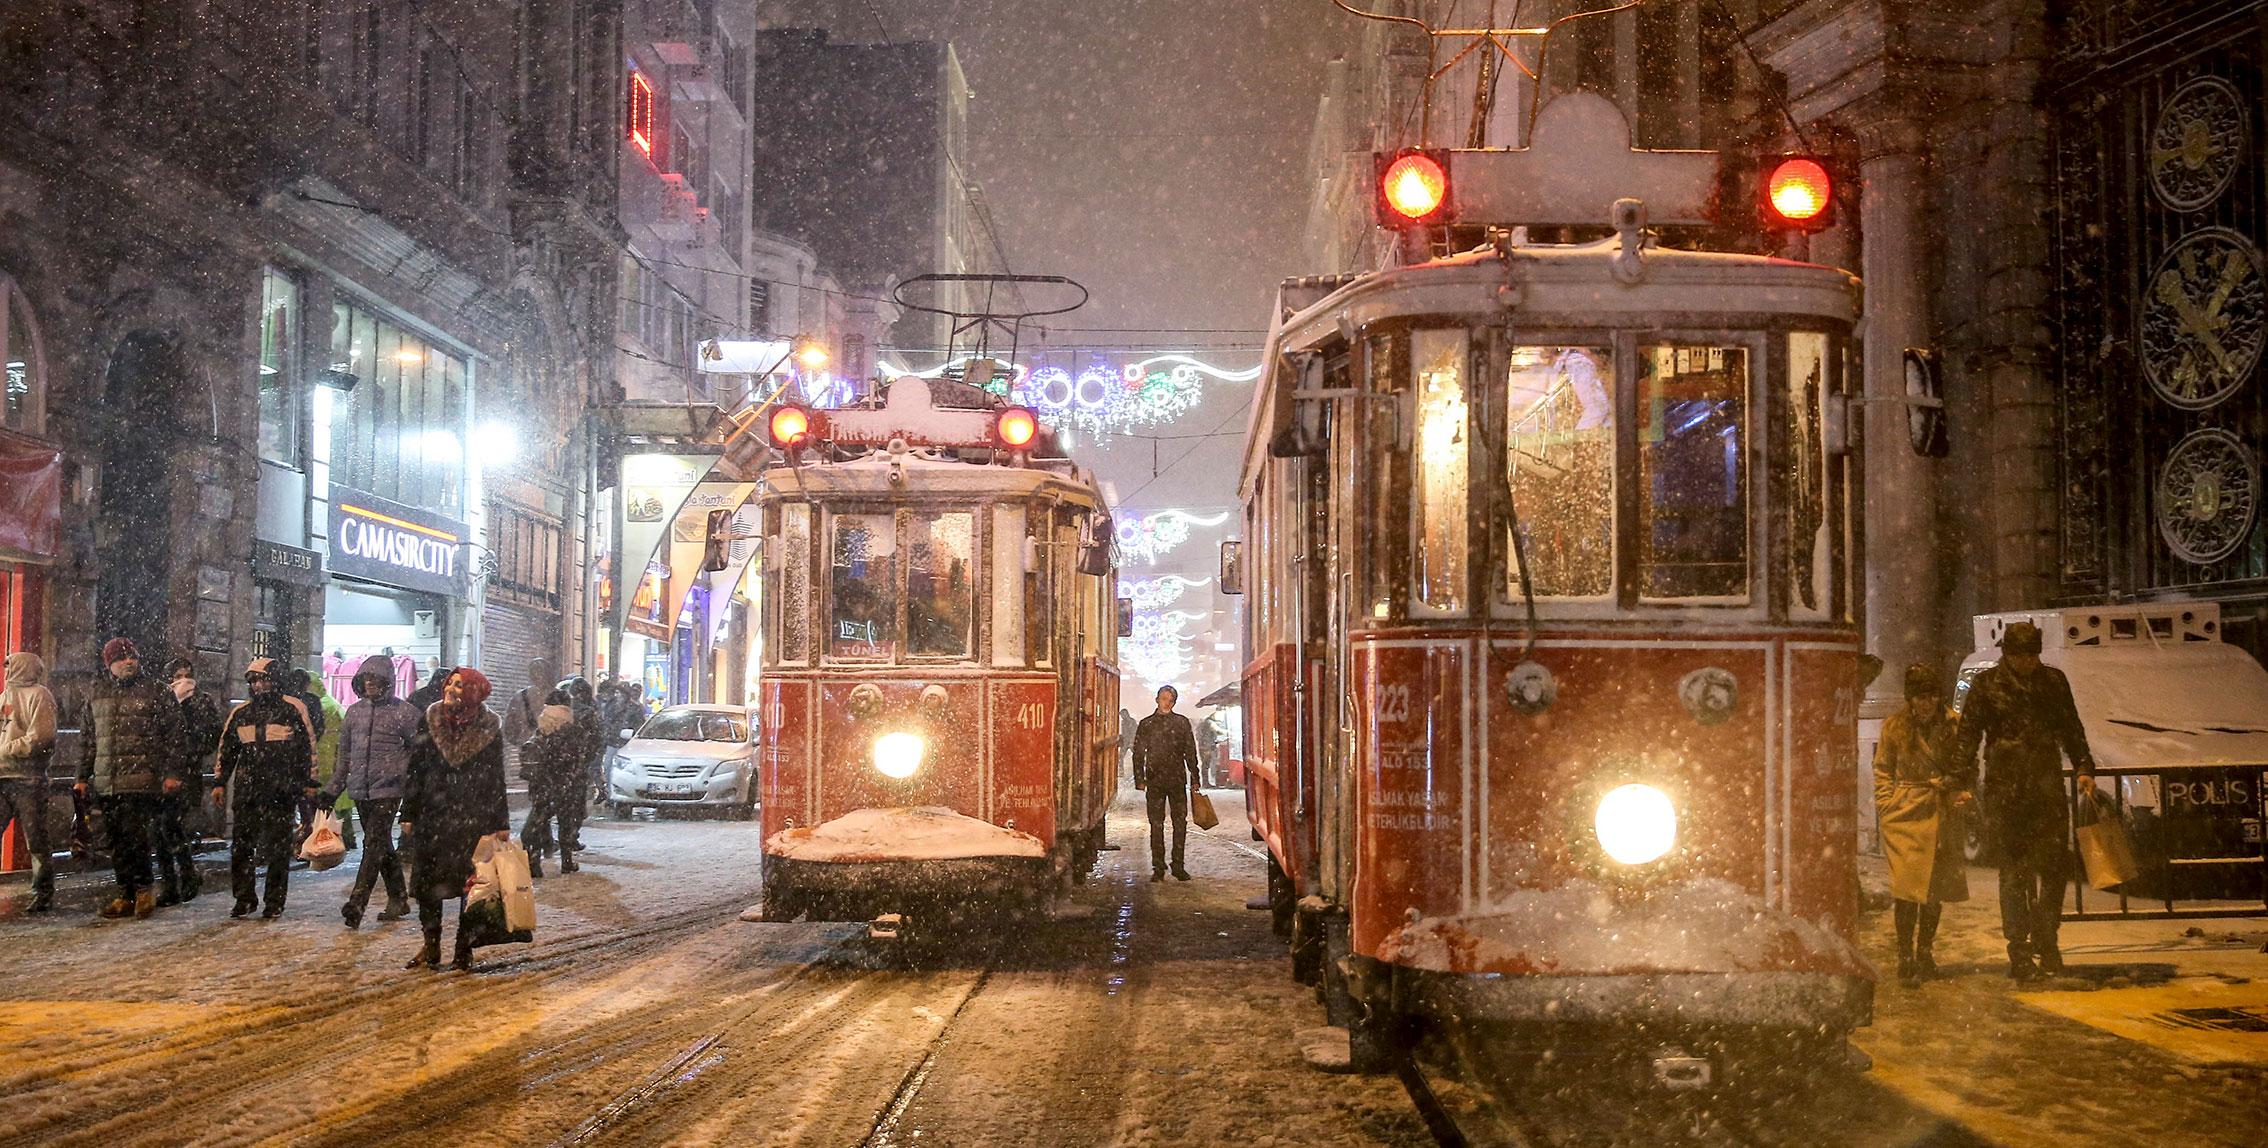 Beyoğlu (Istanbul) / Berk Özkan / AA